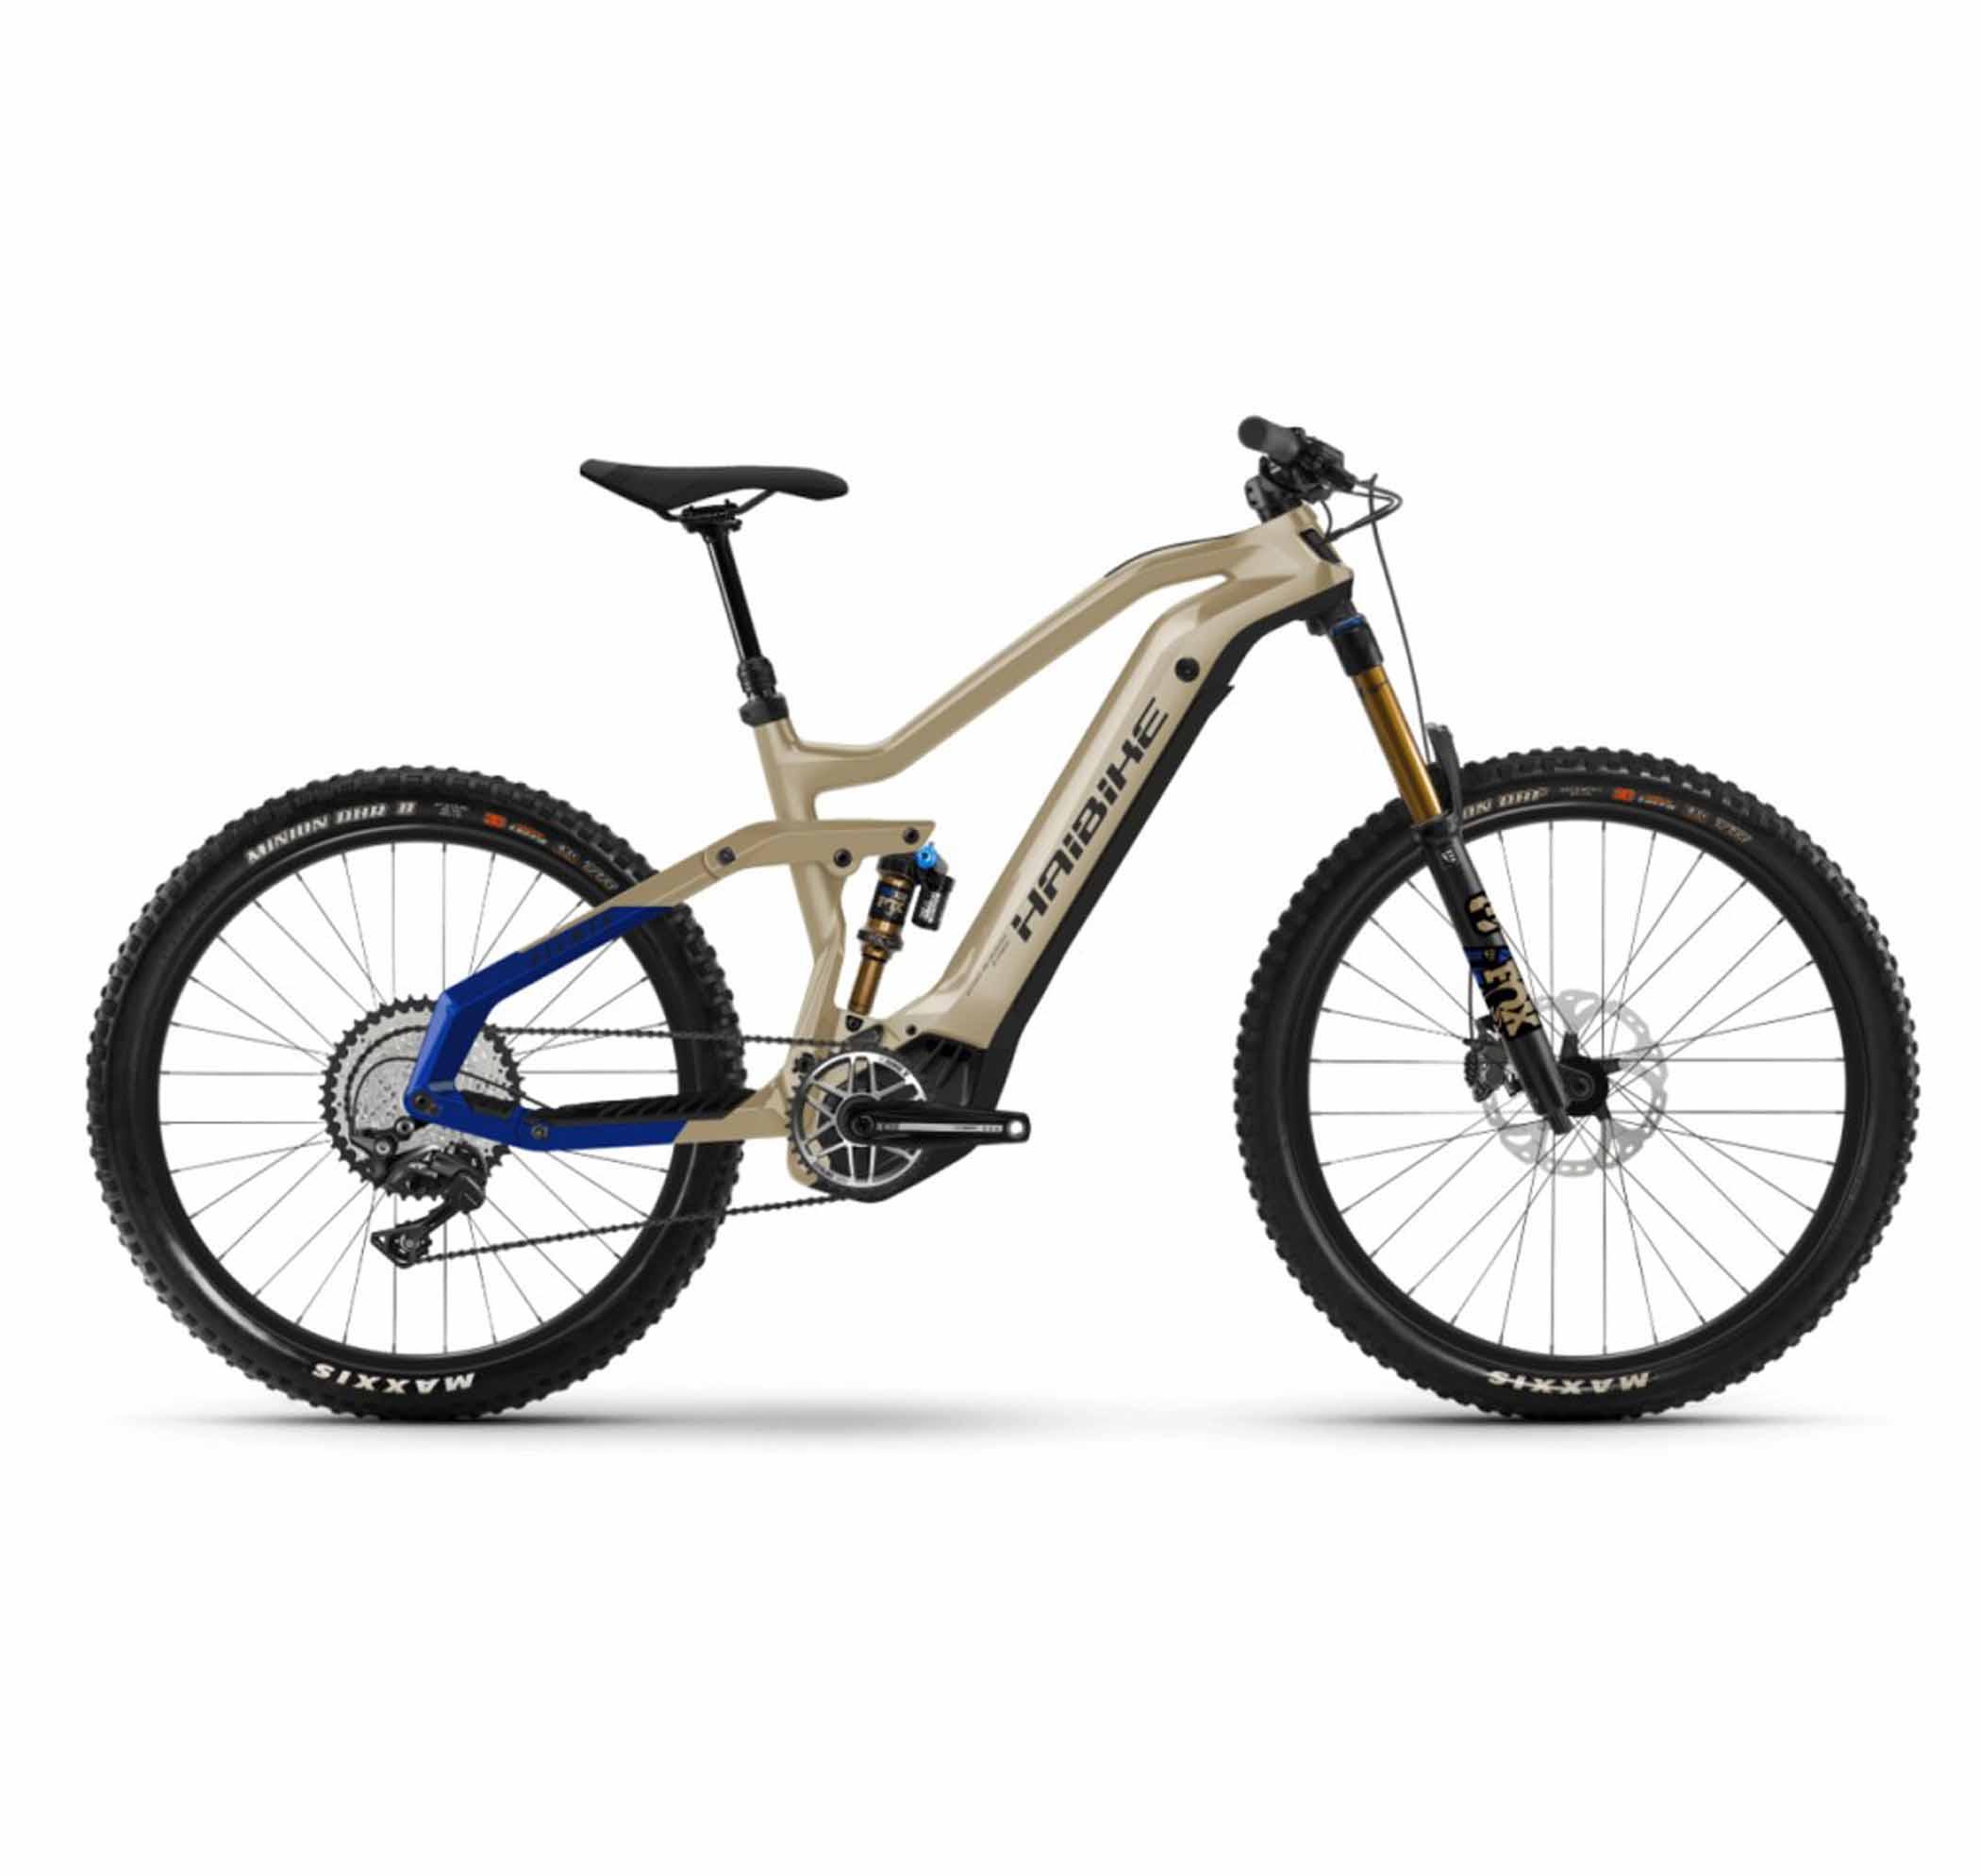 Haibike_Rodeo_Bike_Yamaha_Allmtn_7_i600WH